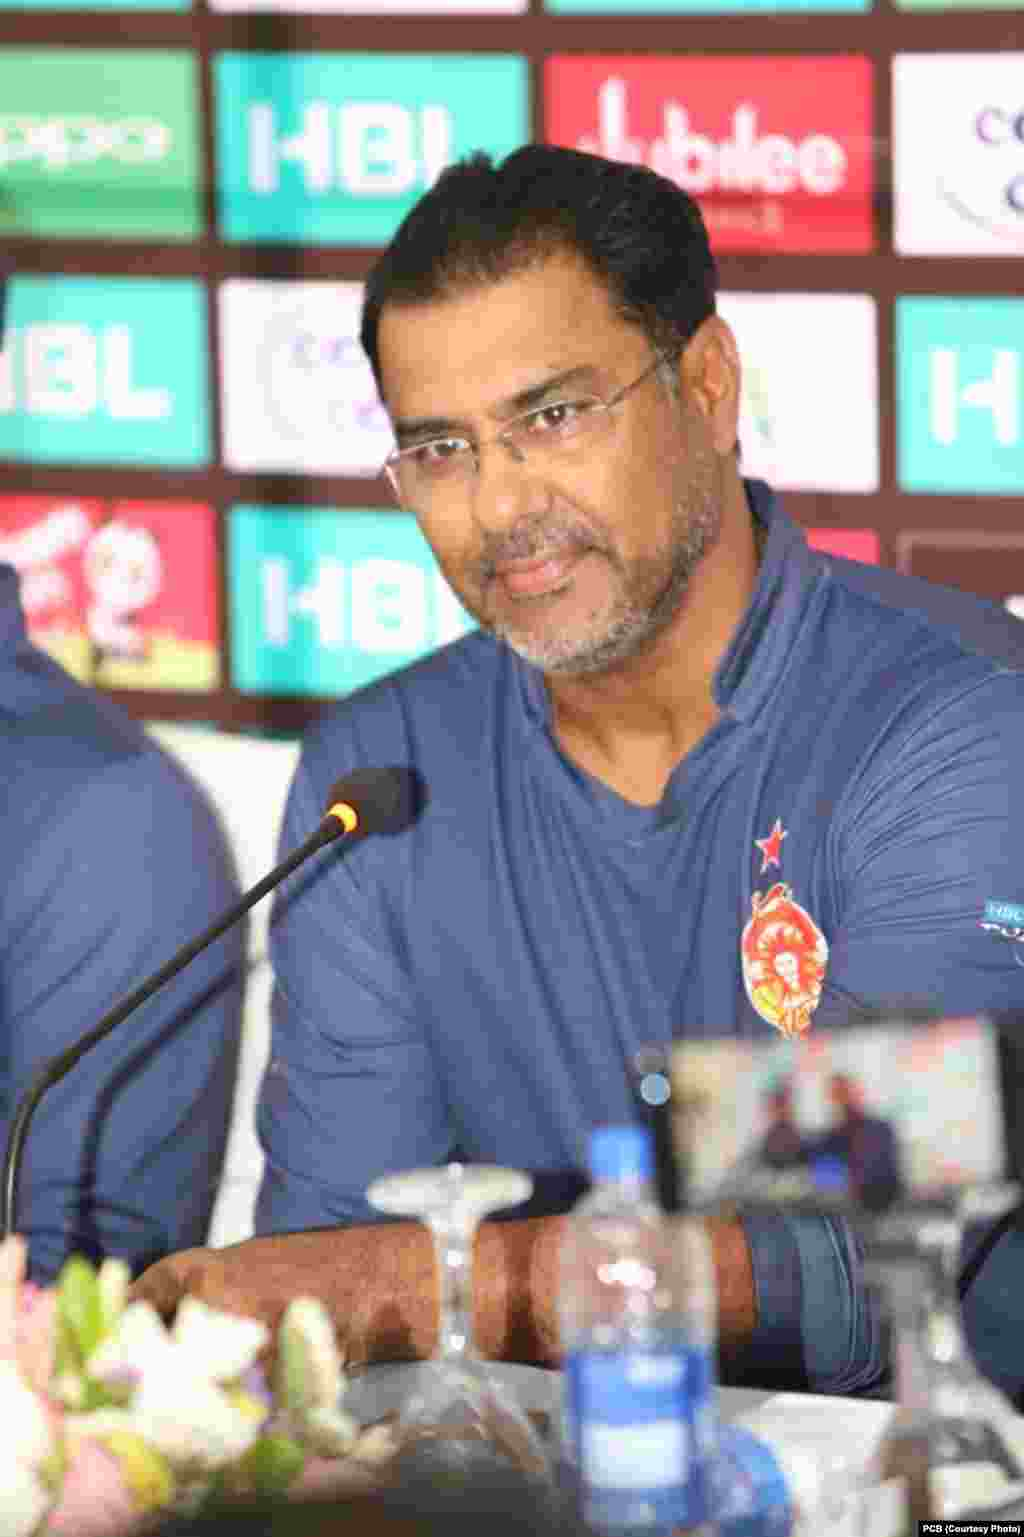 اسلام آباد یونائٹد ٹیم کے ڈائریکٹر سابق کرکٹر وقار یونس نے میڈیا نمائندوں سے گفتگو کی۔